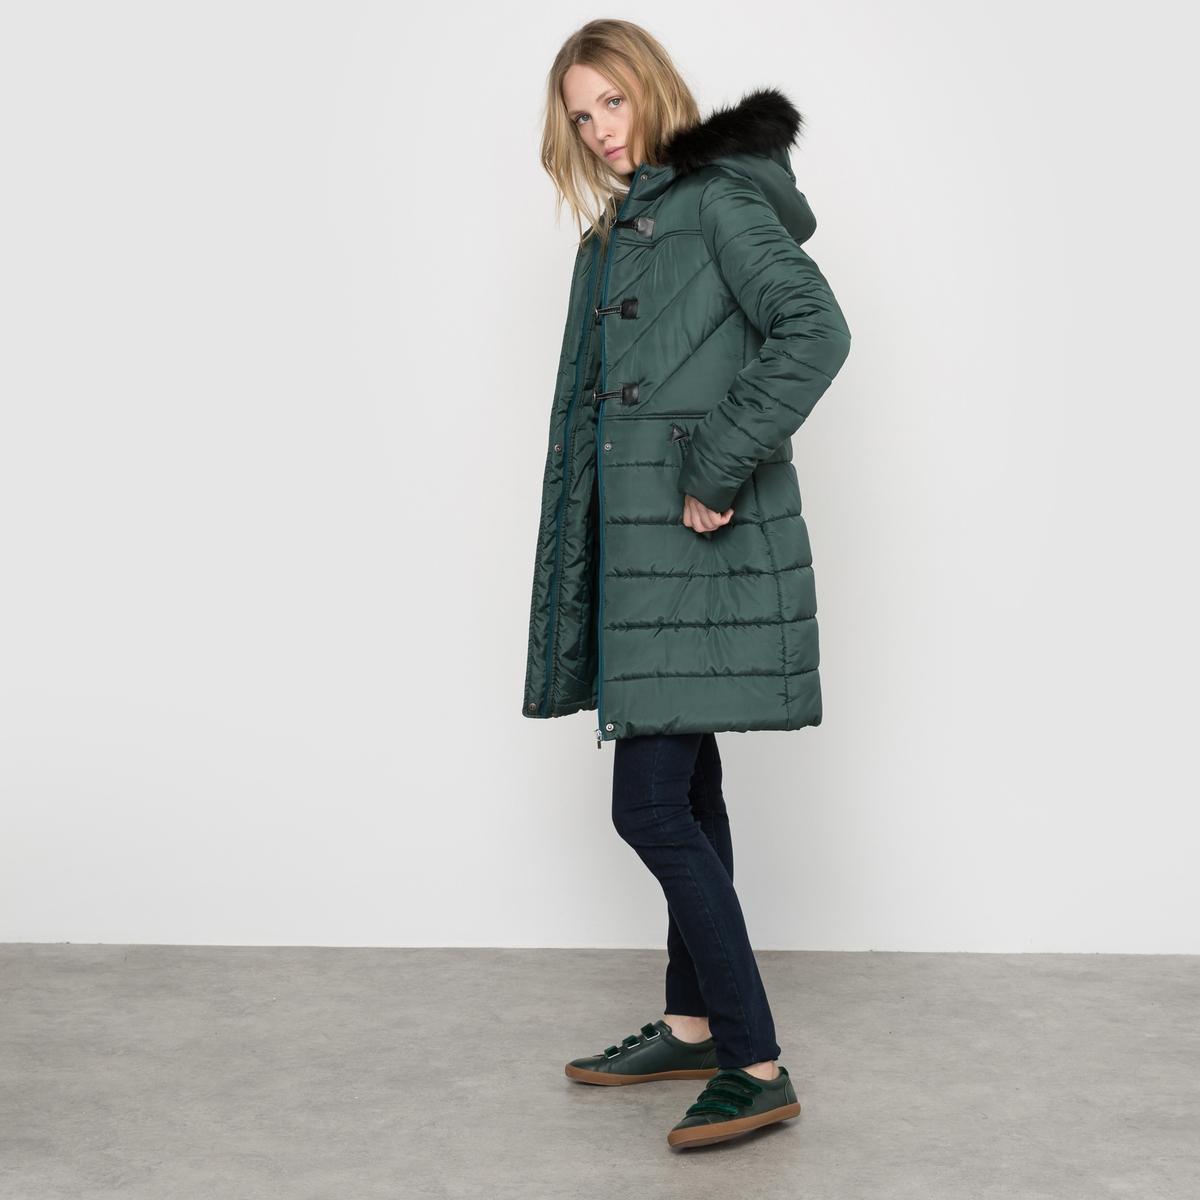 Куртка стеганая длинная с капюшономСостав и описаниеМарка :      R ?ditionМатериал :  100% полиэстер. Наполнитель 100% полиэстер. Искусственный мех  : 91% акрила, 5% полиэстера, 4% модифицированного акрилаУход :Машинная стирка при 30 °C с вещами схожих цветов<br><br>Цвет: черный